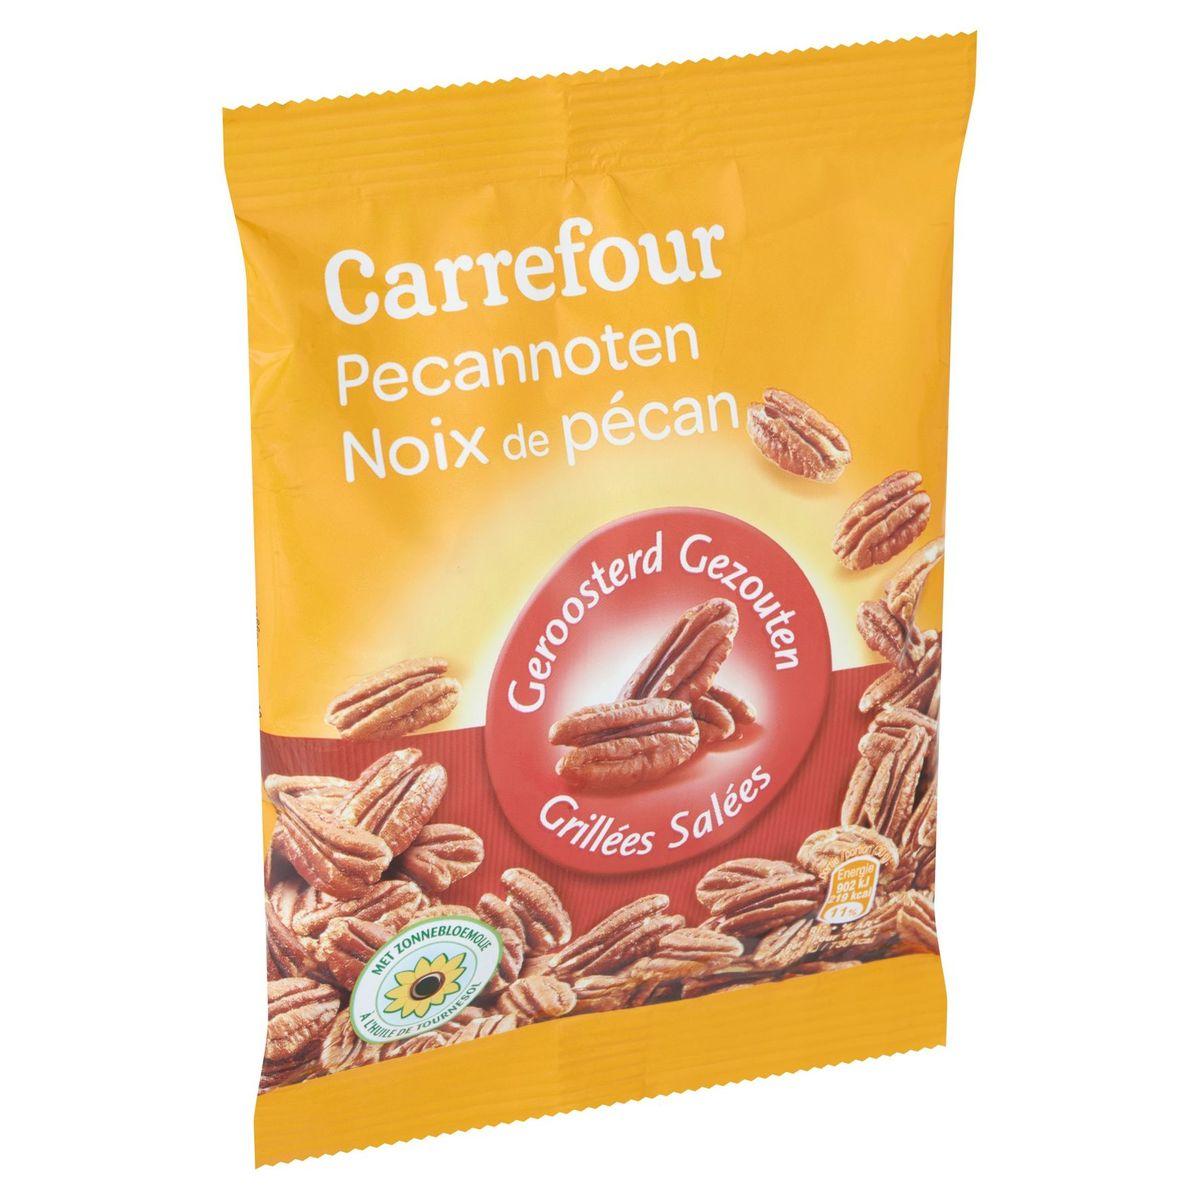 Carrefour Pecannoten Geroosterd Gezouten 100 g